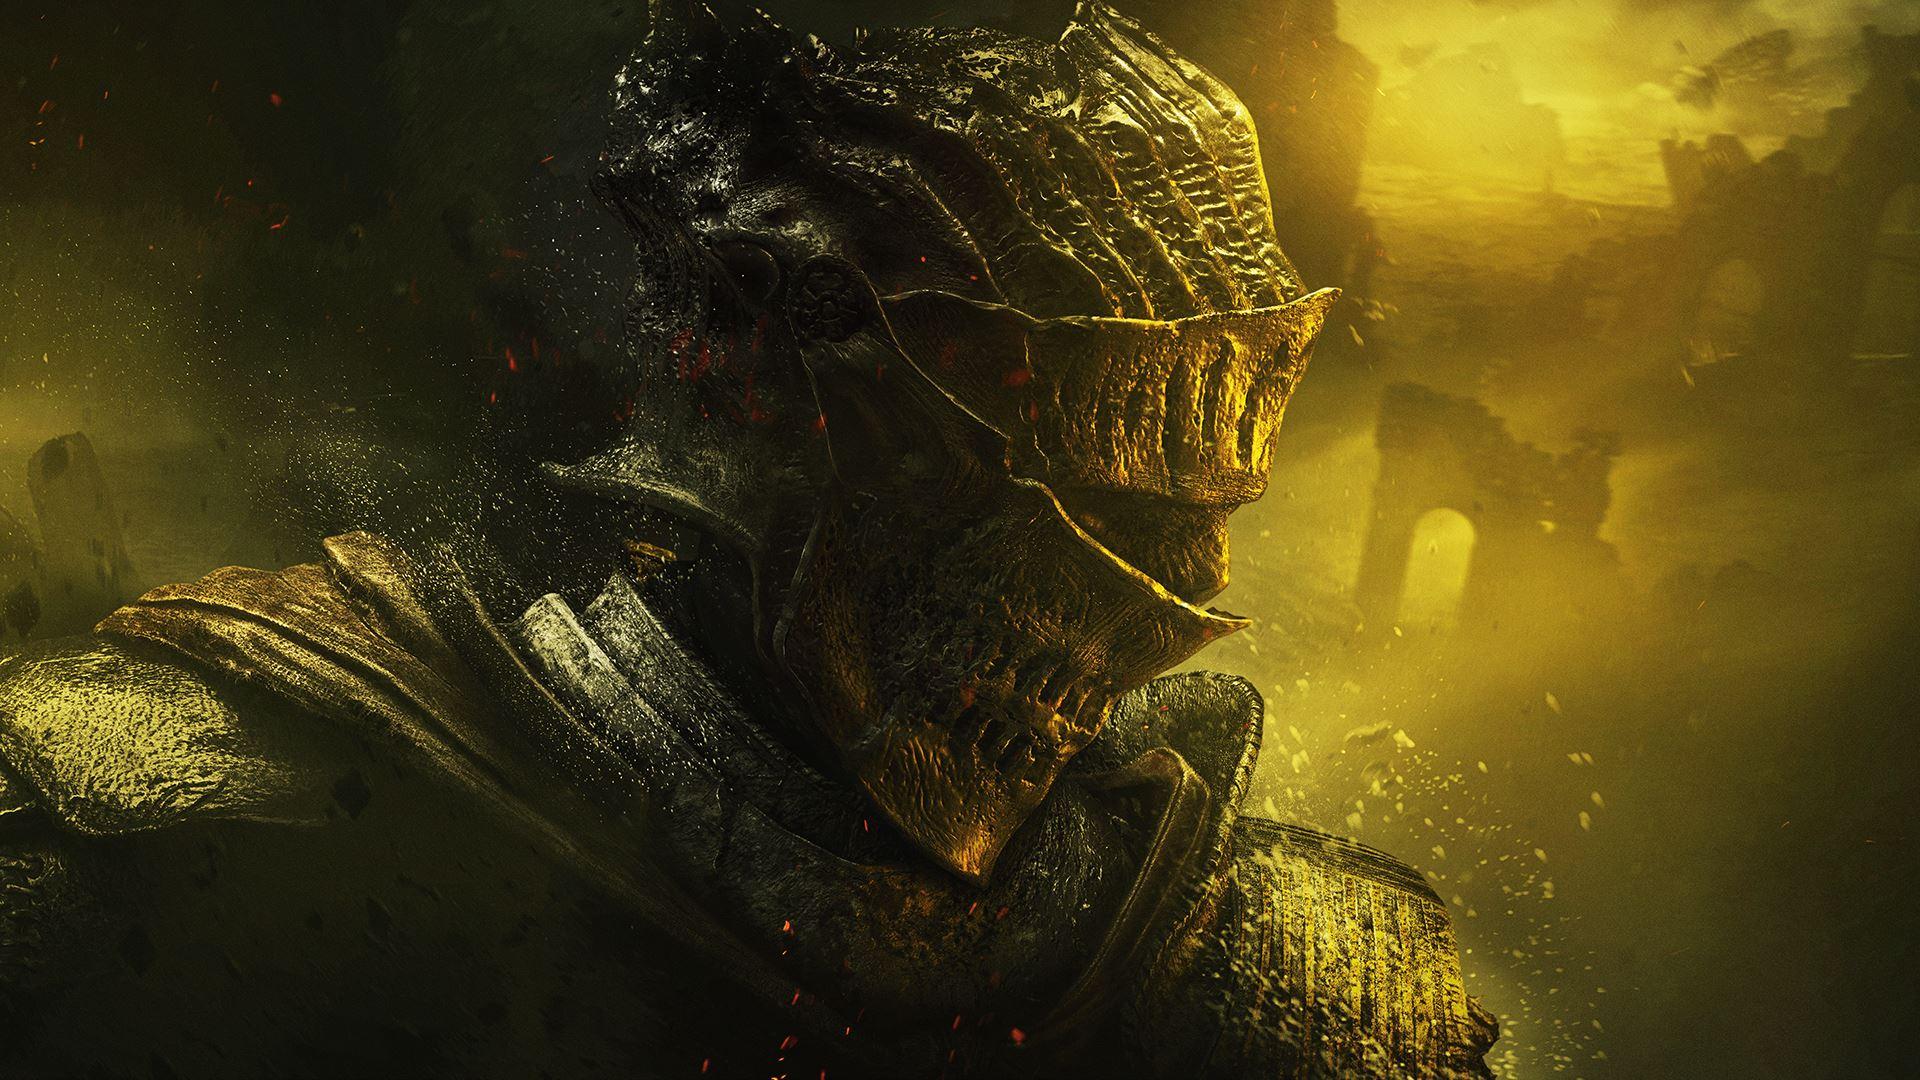 Szczypta soli w otwartą ranę. Dark Souls 3 – pierwsze wrażenia Spider's Web